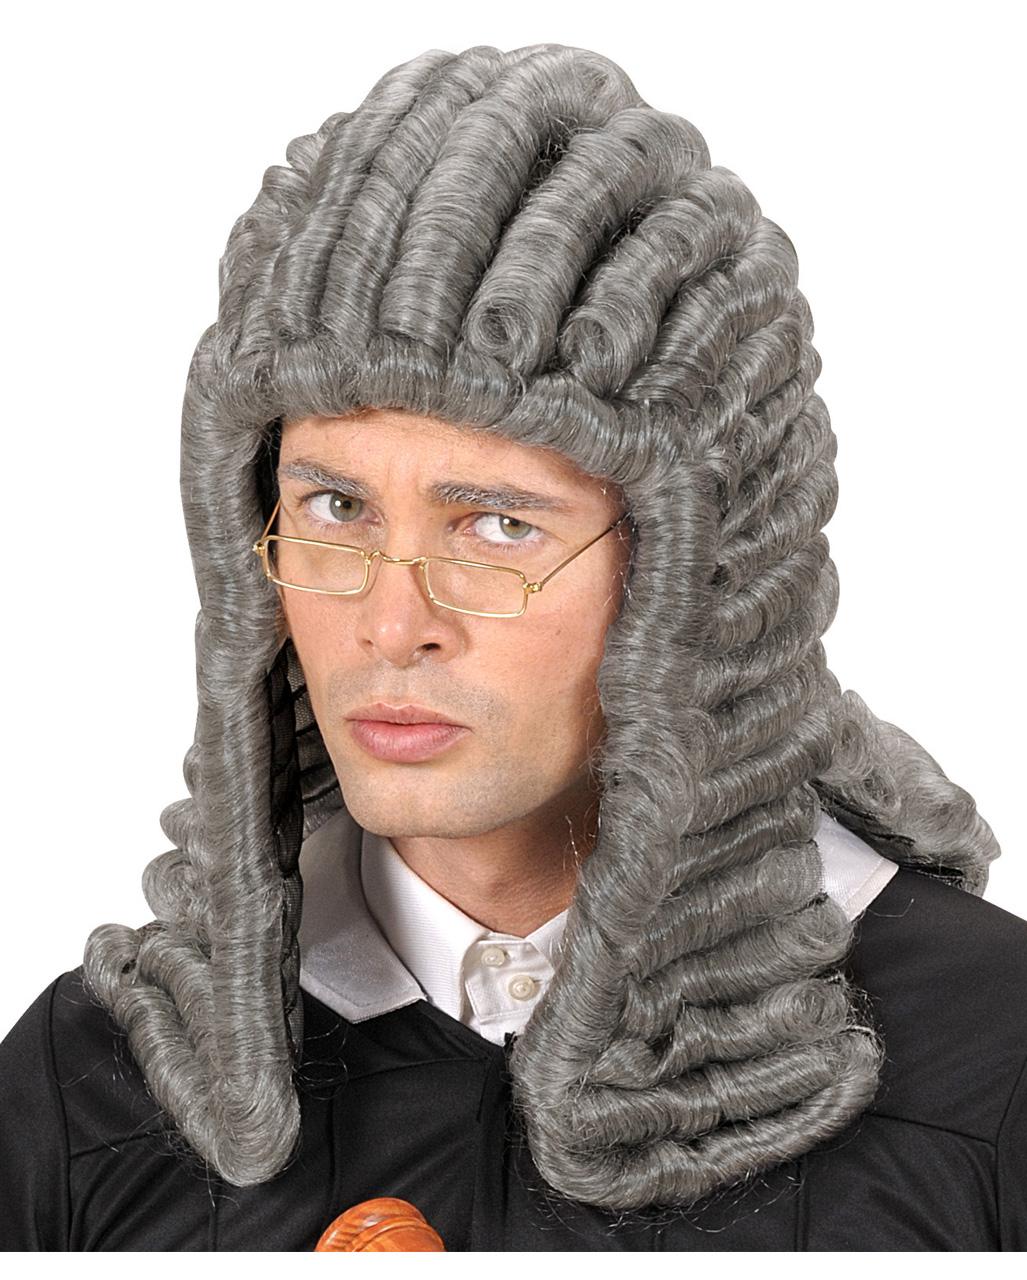 Judge Wig Grey | Buy Historic wigs | horror-shop.com